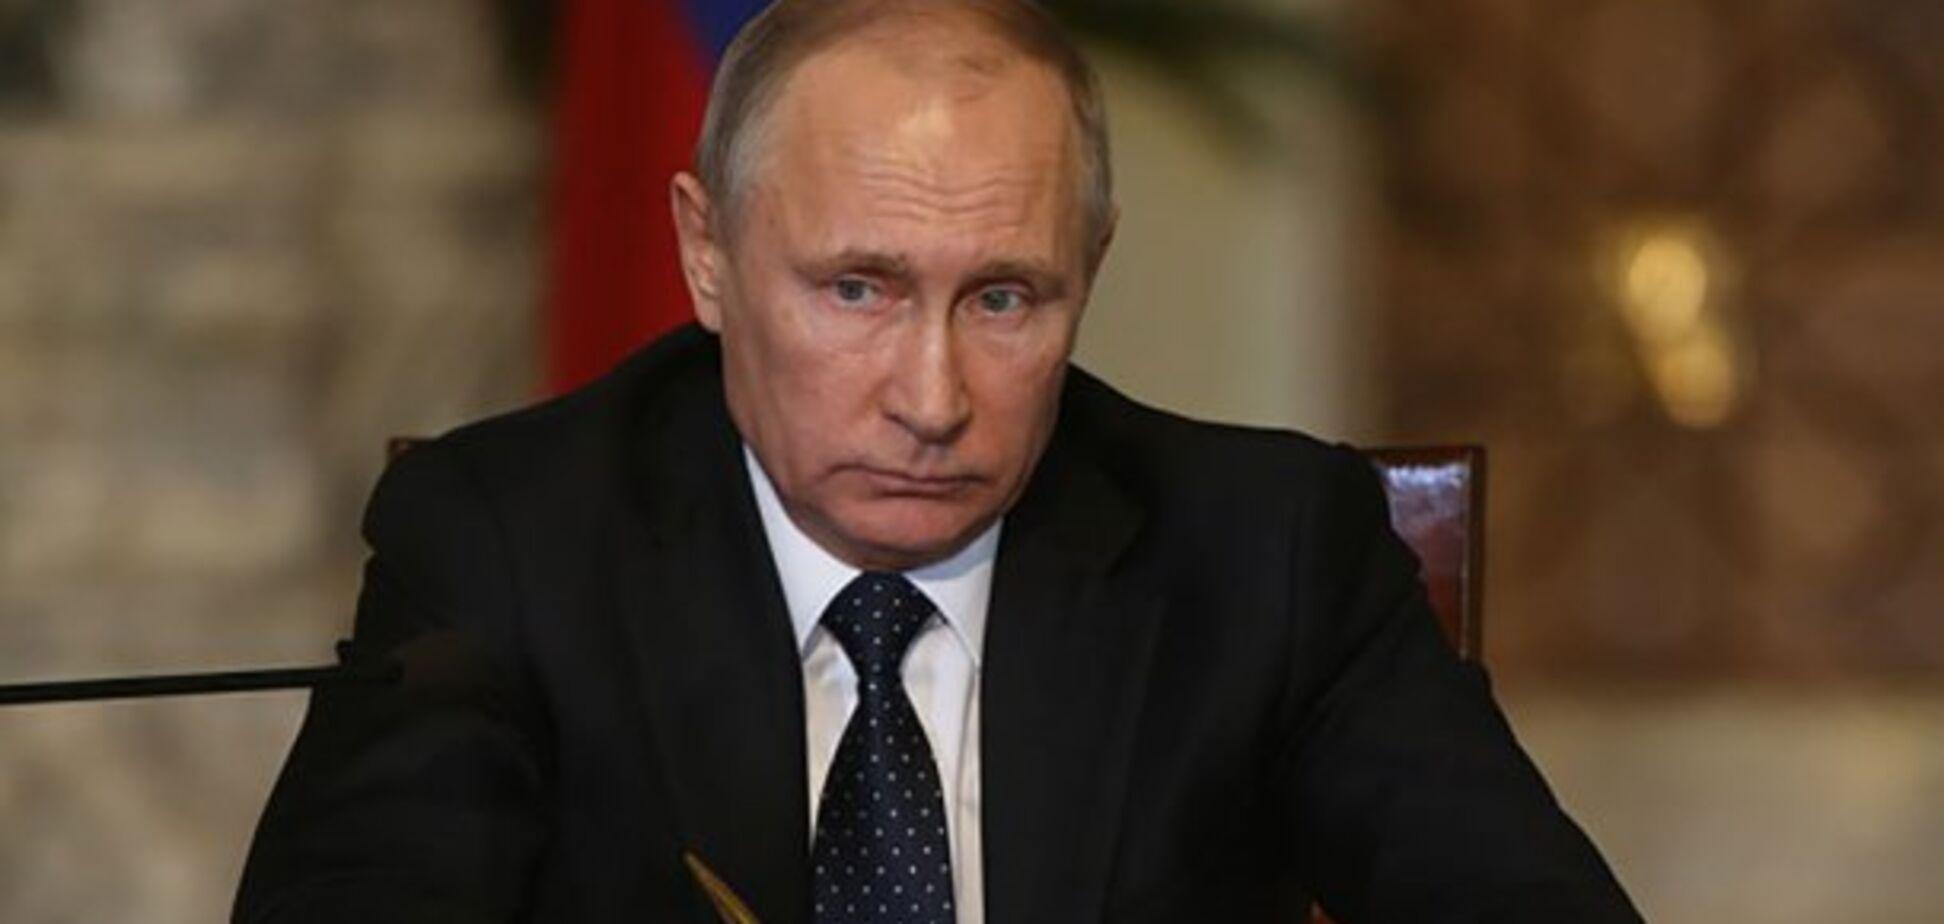 Путин беспомощен во всем, кроме как бомбить чужие страны